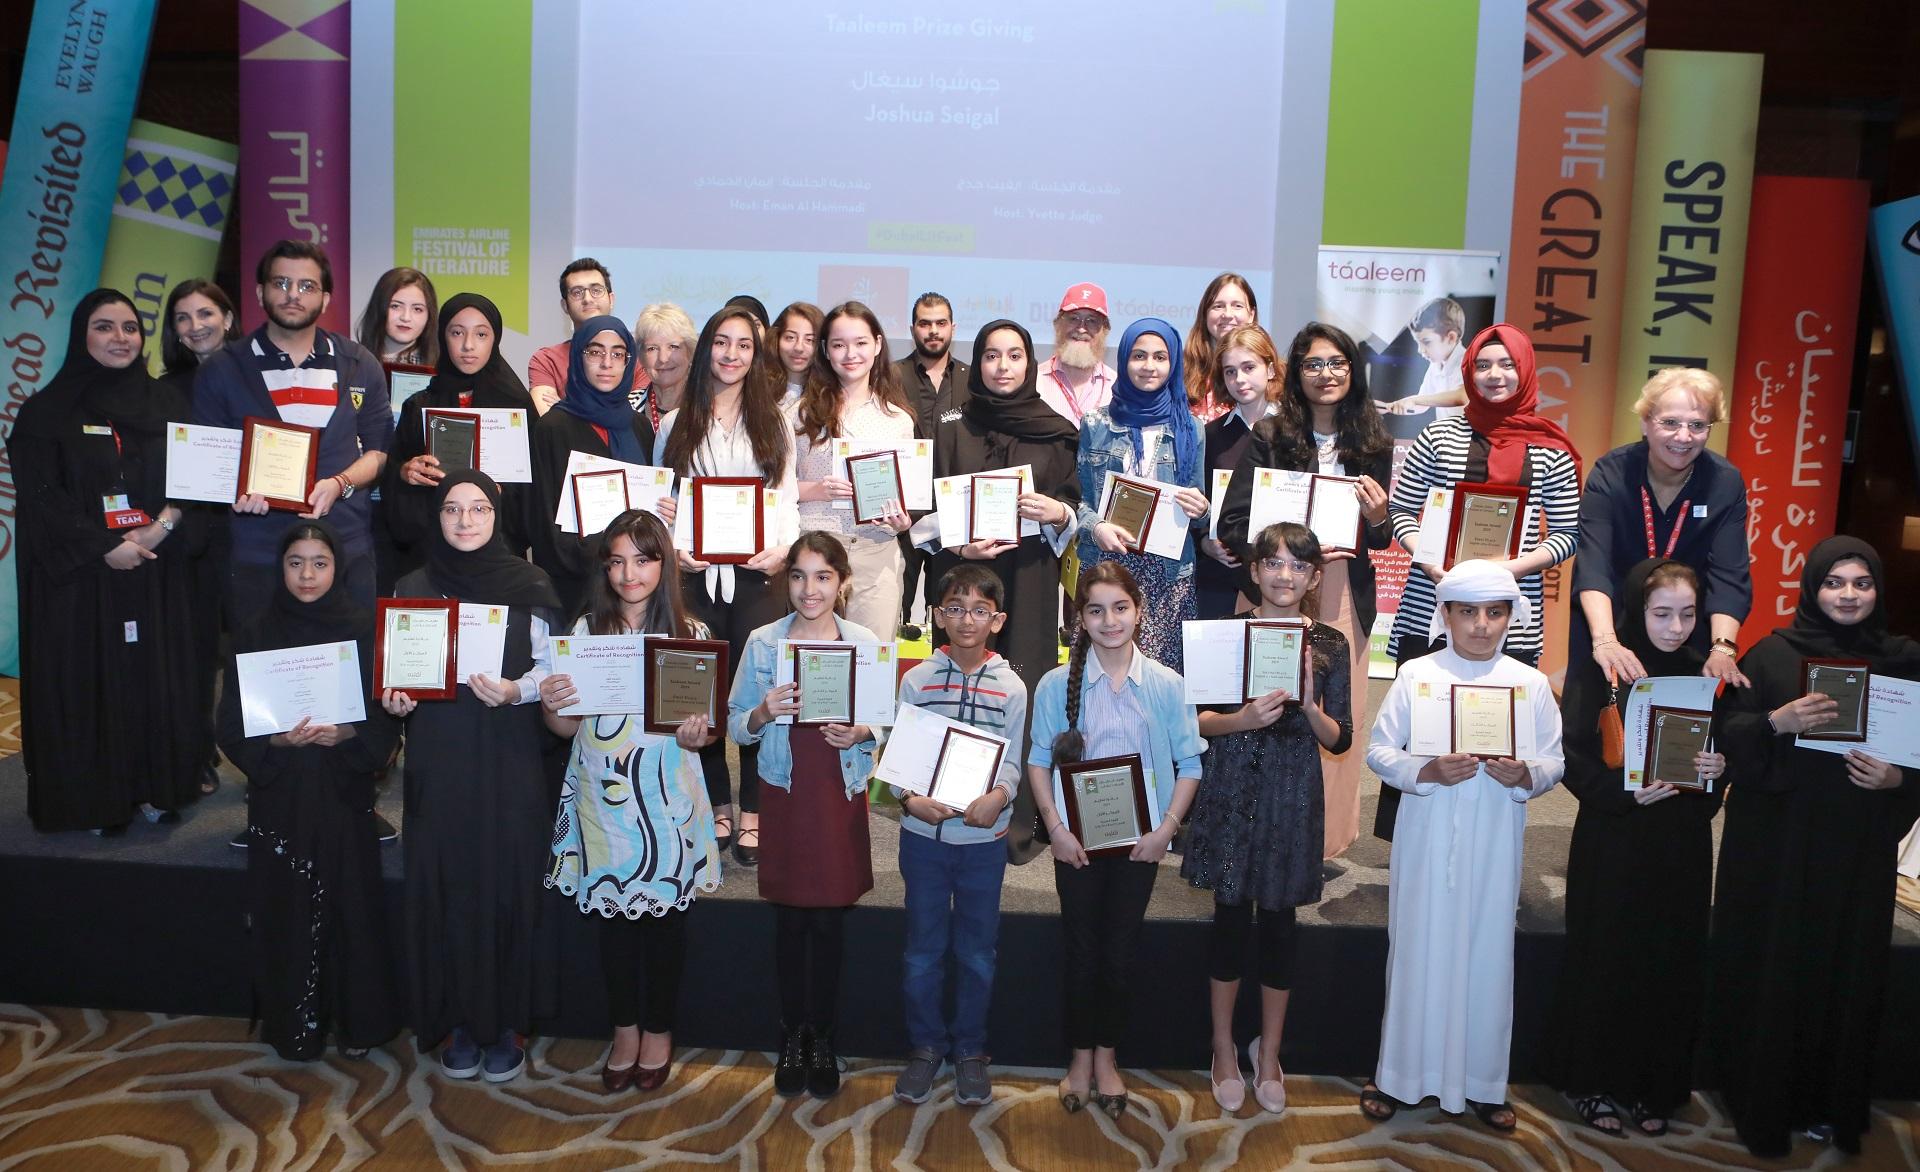 الفائزون بجائزة تعليم